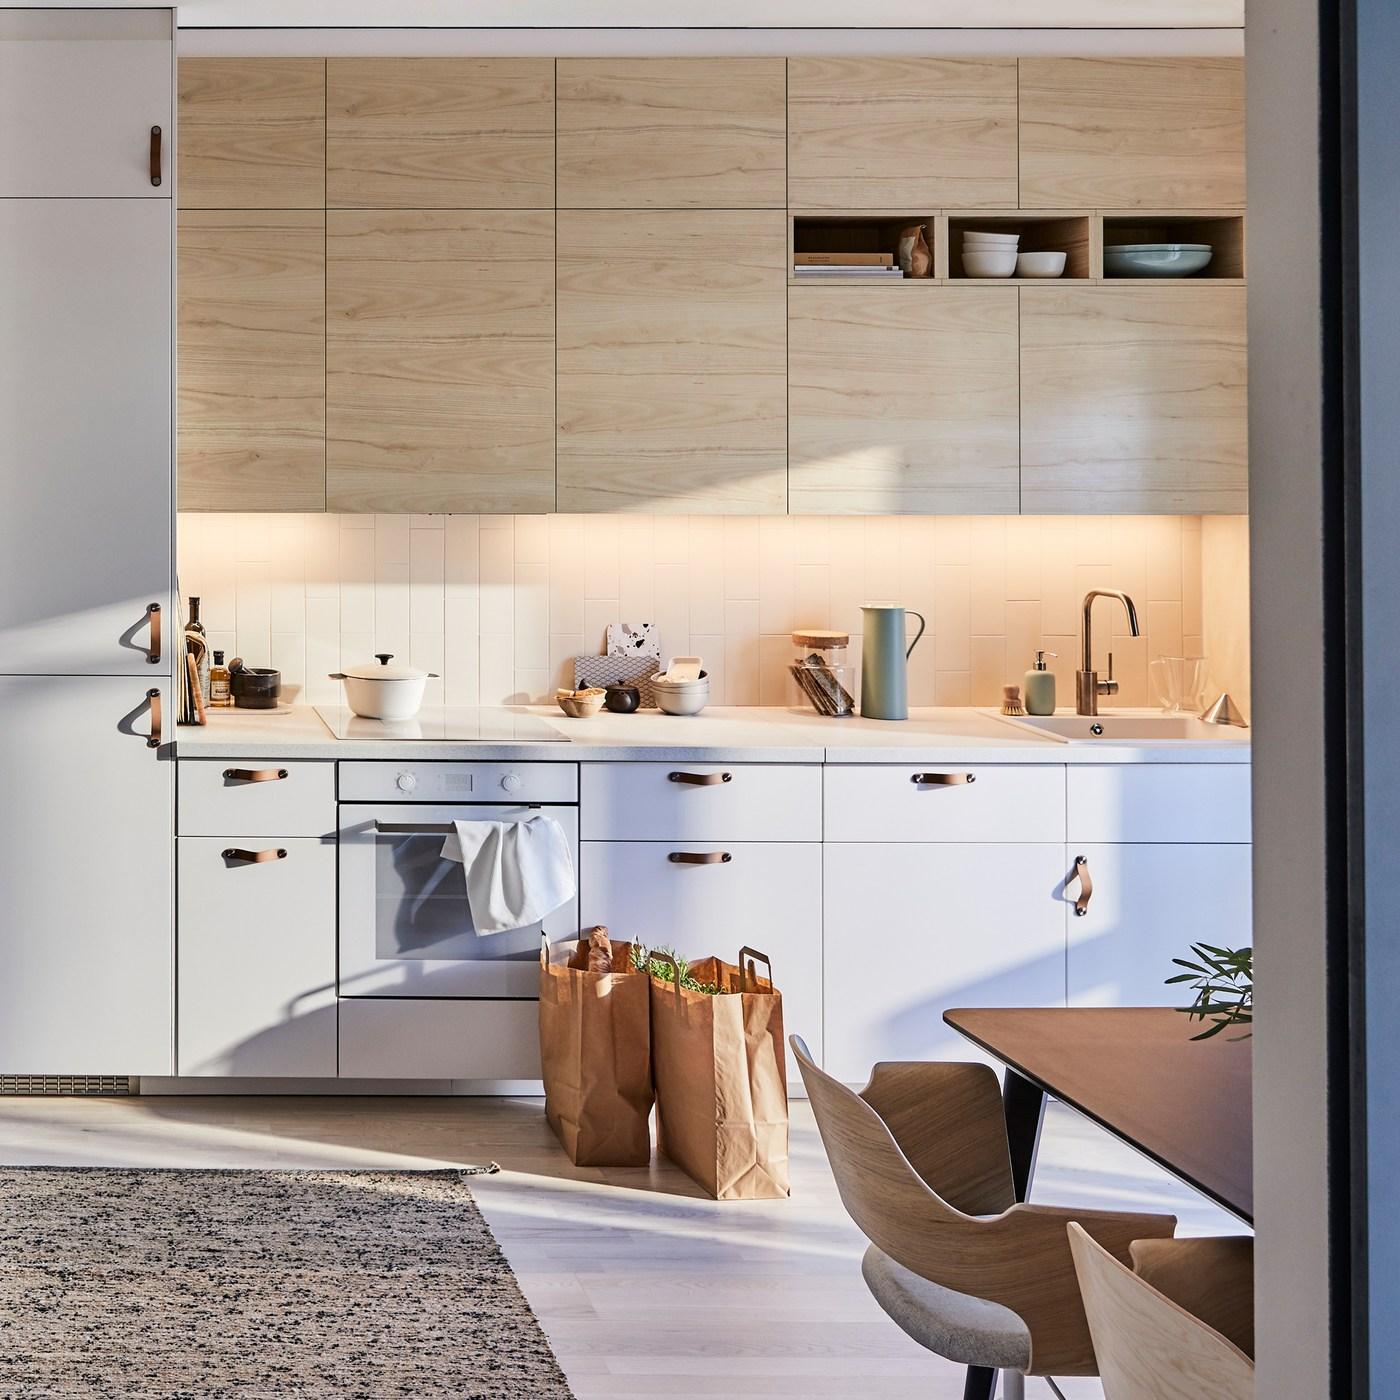 Full Size of Ikea Küchenzeile Kchen Betten 160x200 Küche Kosten Miniküche Modulküche Bei Kaufen Sofa Mit Schlaffunktion Wohnzimmer Ikea Küchenzeile